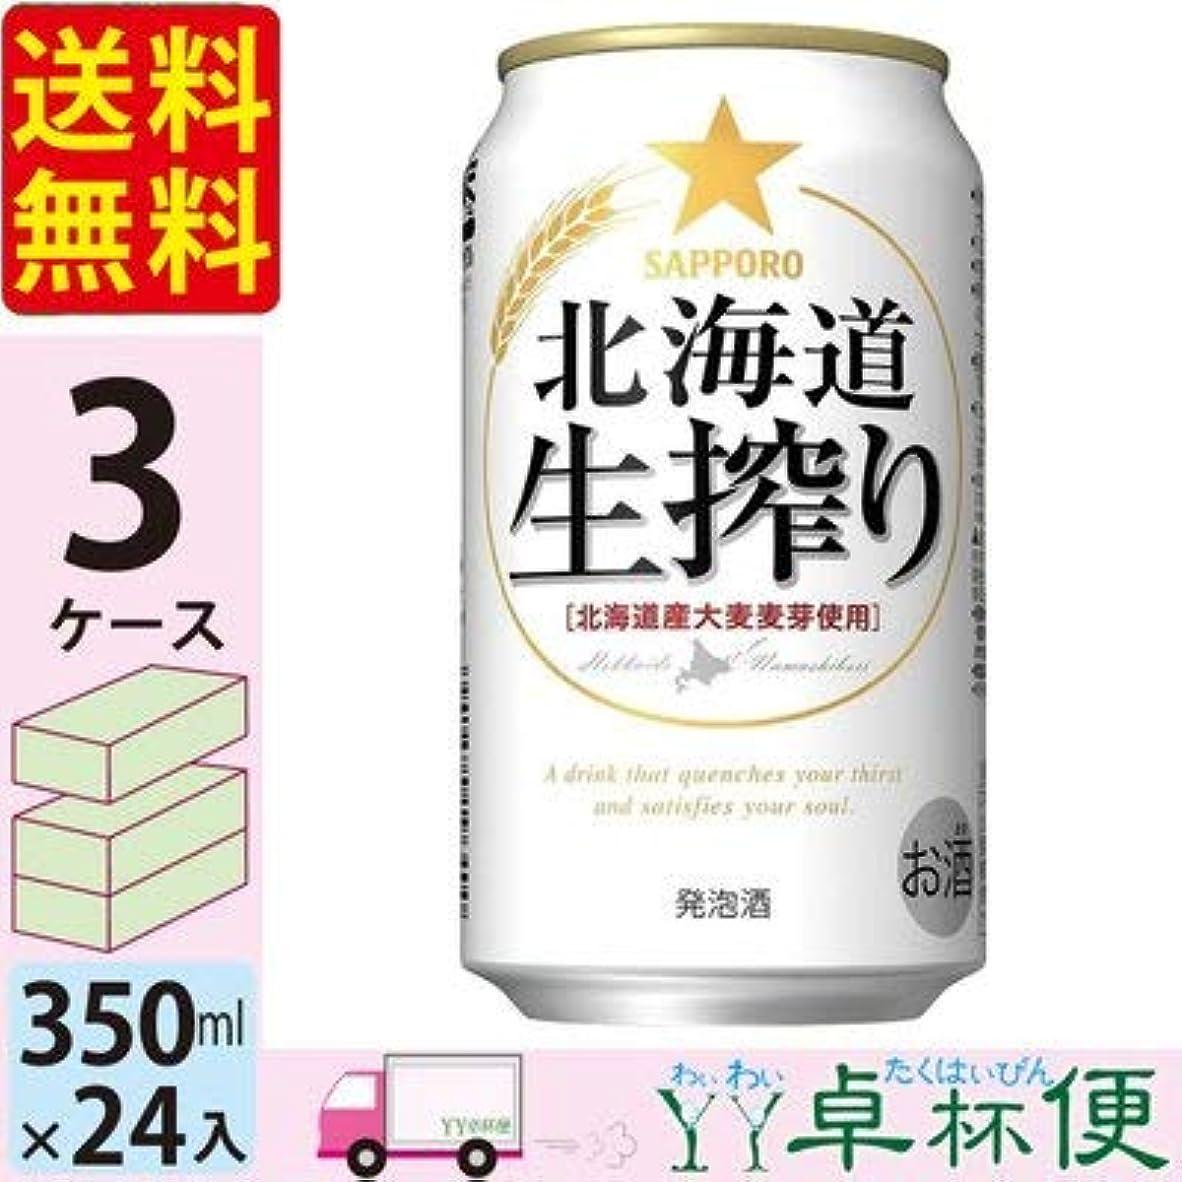 サッポロビール 北海道生搾り 350ml 24缶入 3ケース (72本)